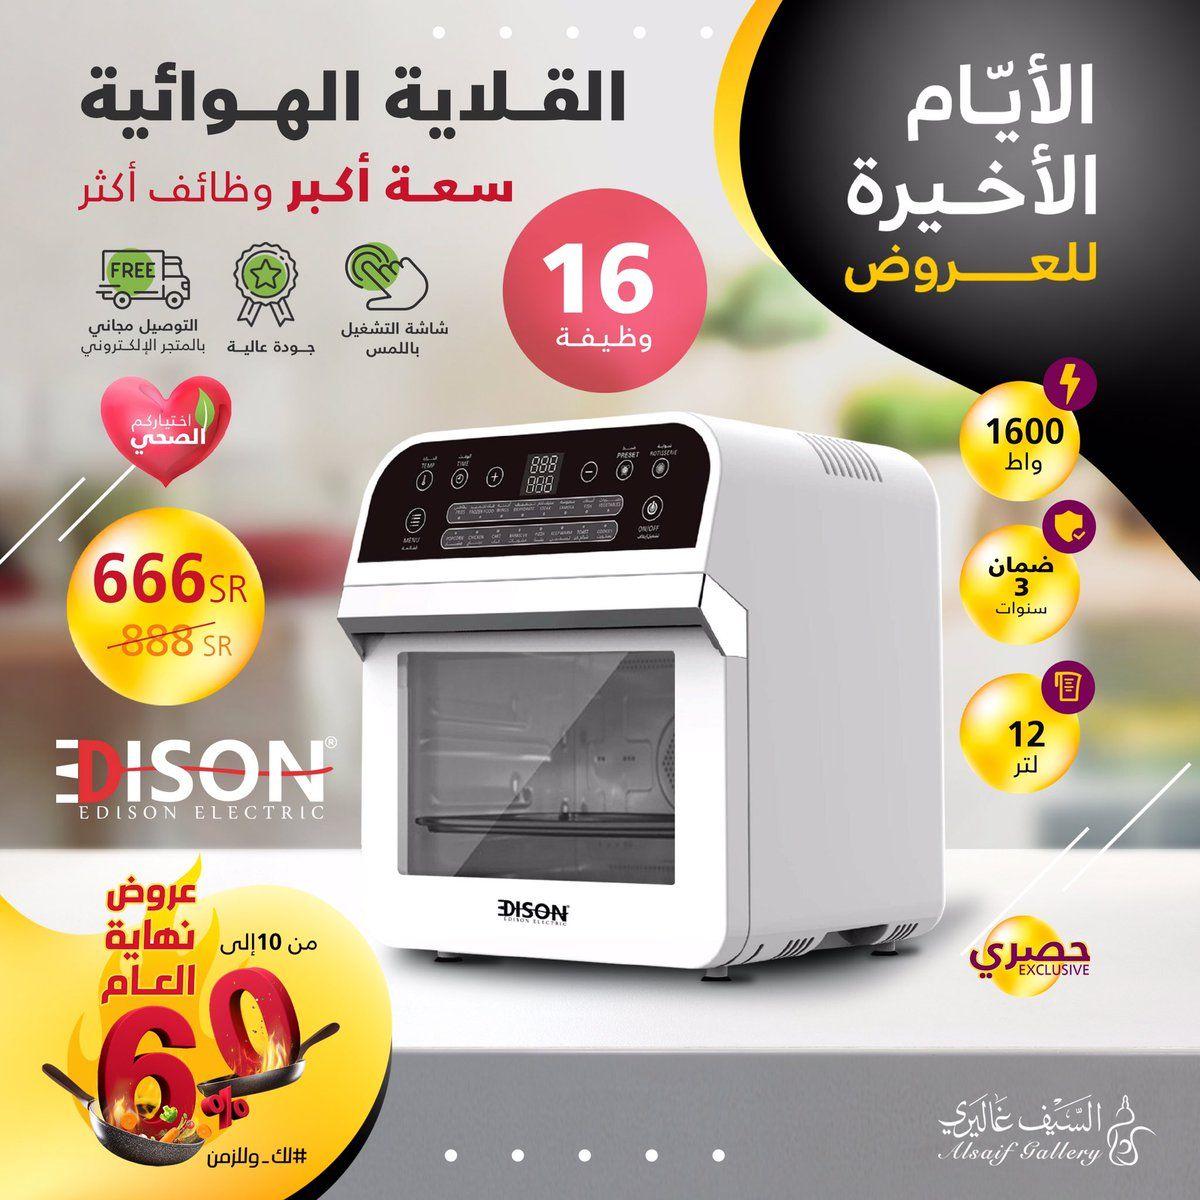 عروض السيف غاليري اليوم السبت 28 12 2019 عروض اليوم Kitchen Appliances Edison 10 Things